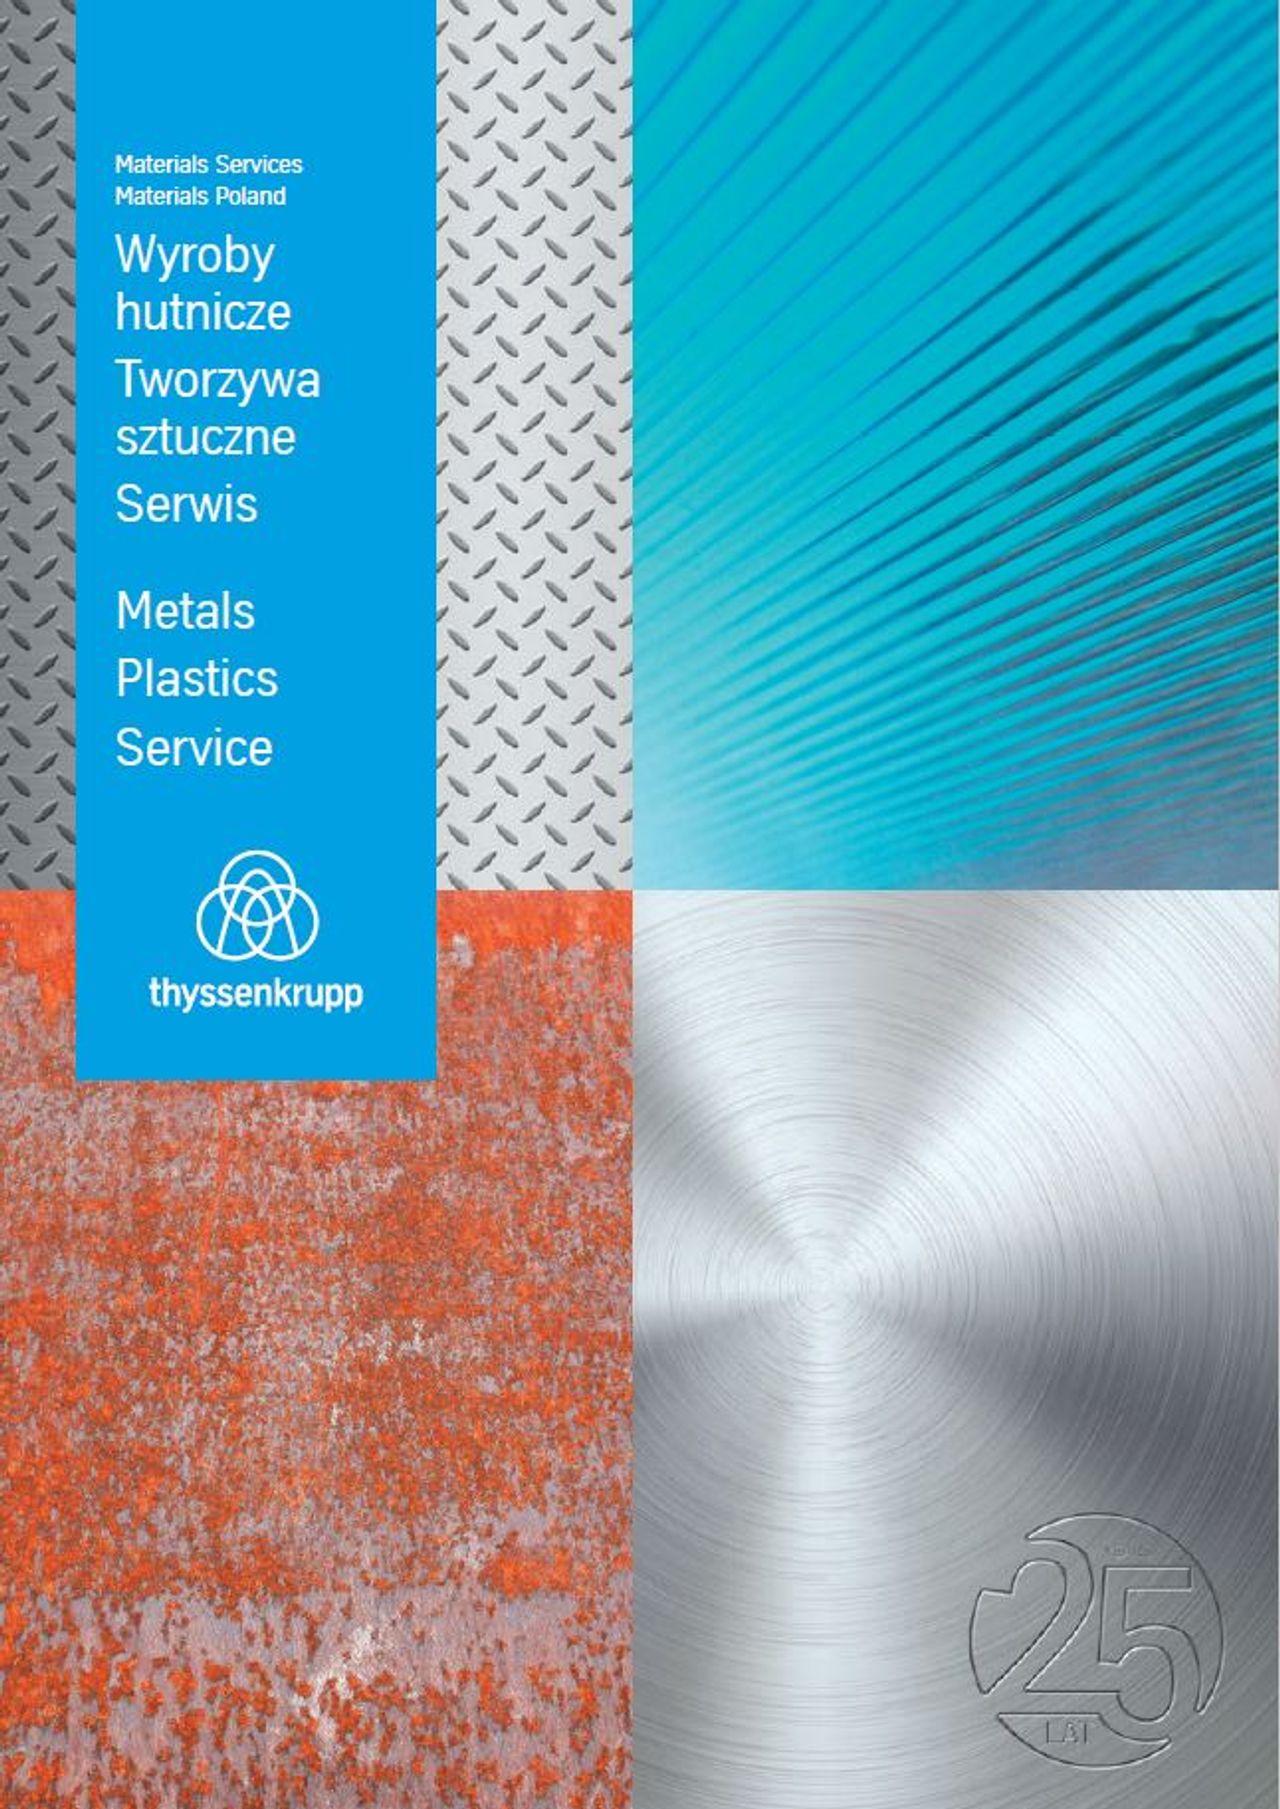 Katalog firmowy Wyroby hutnicze. Tworzywa sztuczne